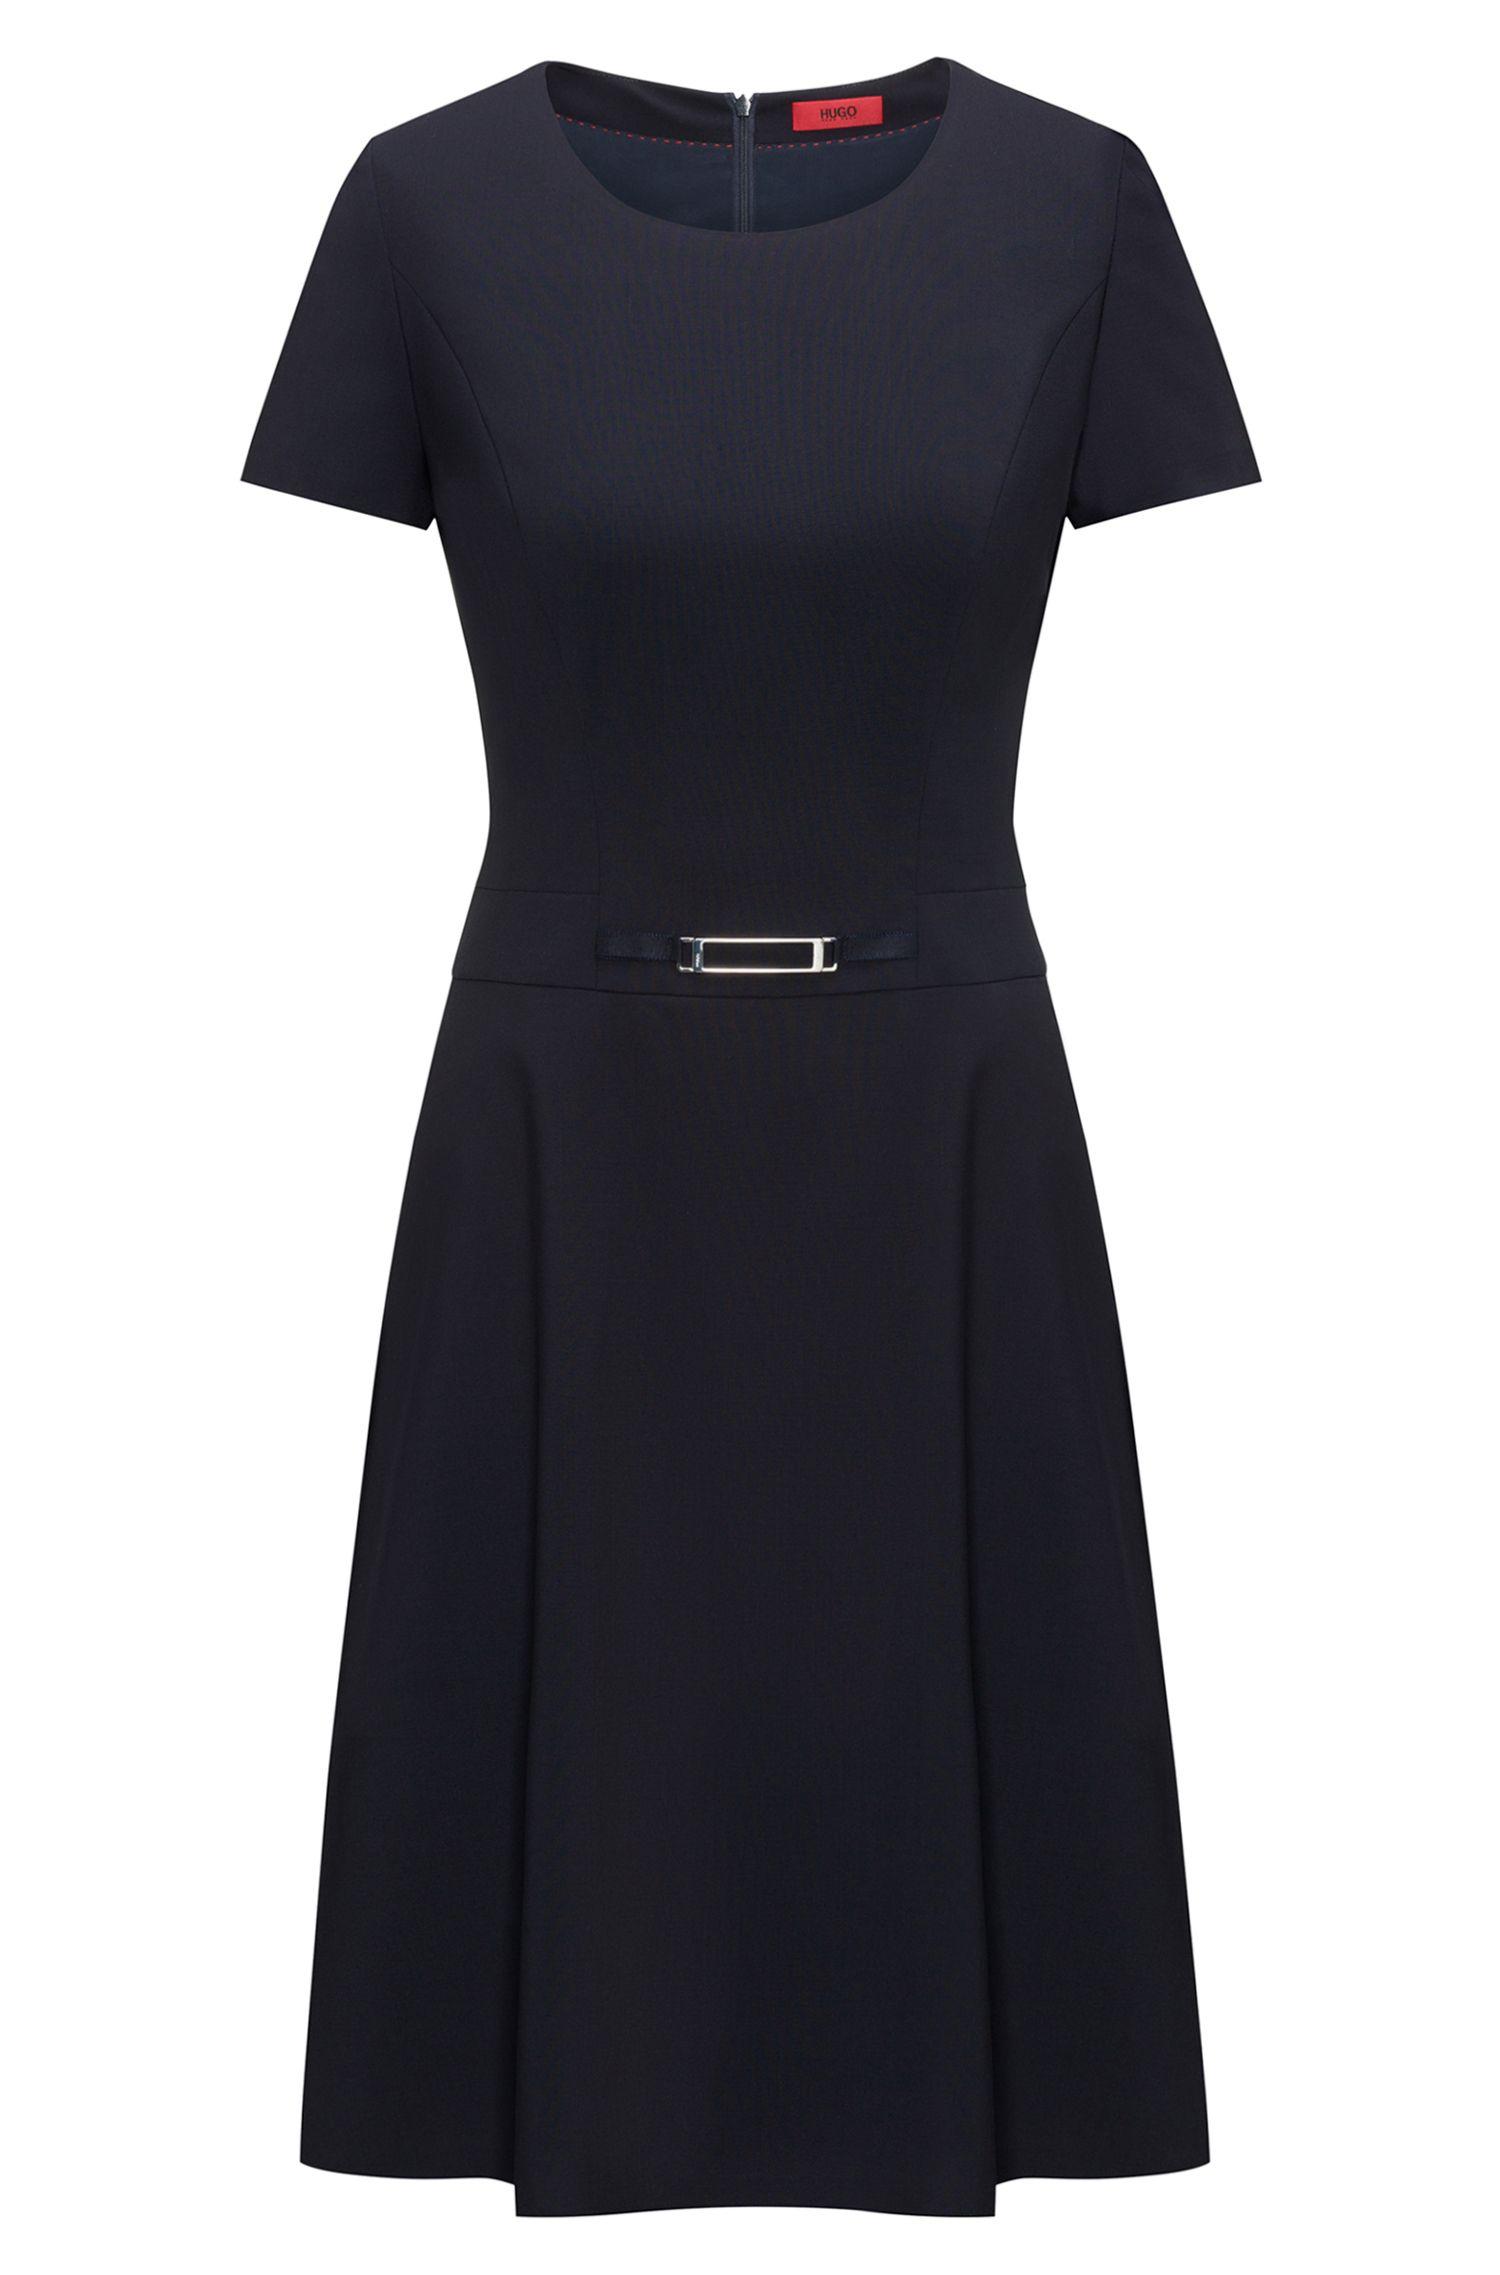 Kurzarm-Kleid aus Stretch-Schurwolle in A-Linie